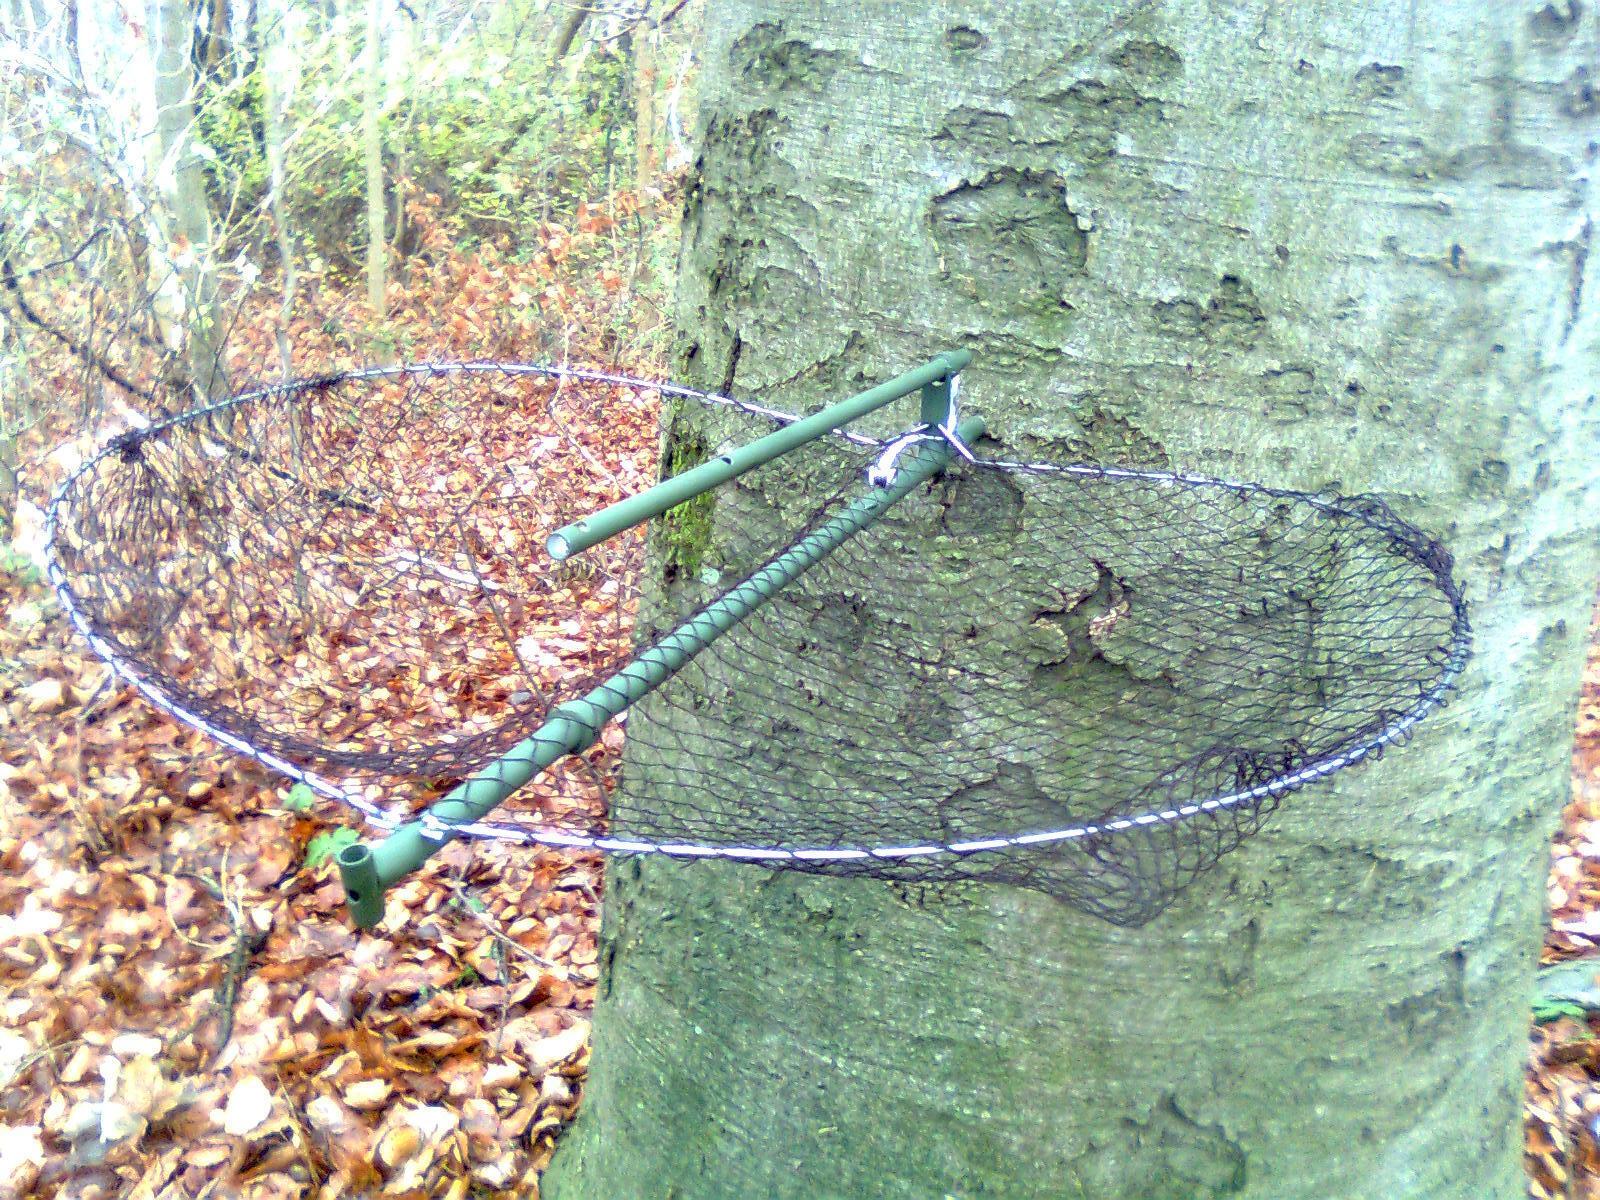 XXL Vogelfalle  55 cm Trappola Uccelli Piege Oiseaux Bird Trap Trampa Pajaros